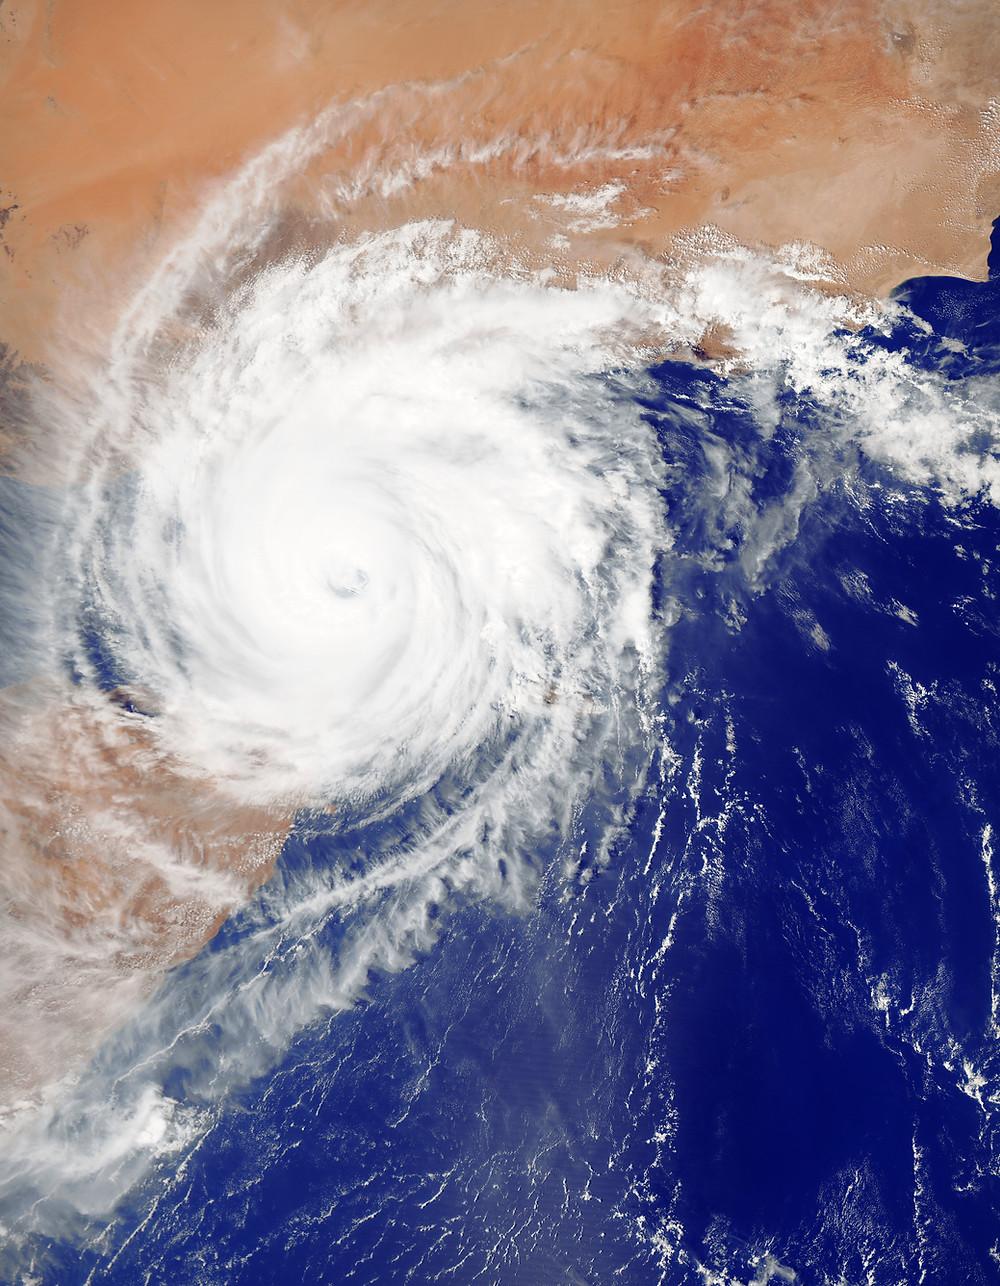 hurricane, season, hurricane season, covid-19, coronavirus, covid19, pandemic, covid-19 coronavirus pandemic, coronavirus hurricane, hurricane season covid-19, hurricanes coronavirus pandemic, shelter, shelter-in-place, storm surge, flooding, shelters